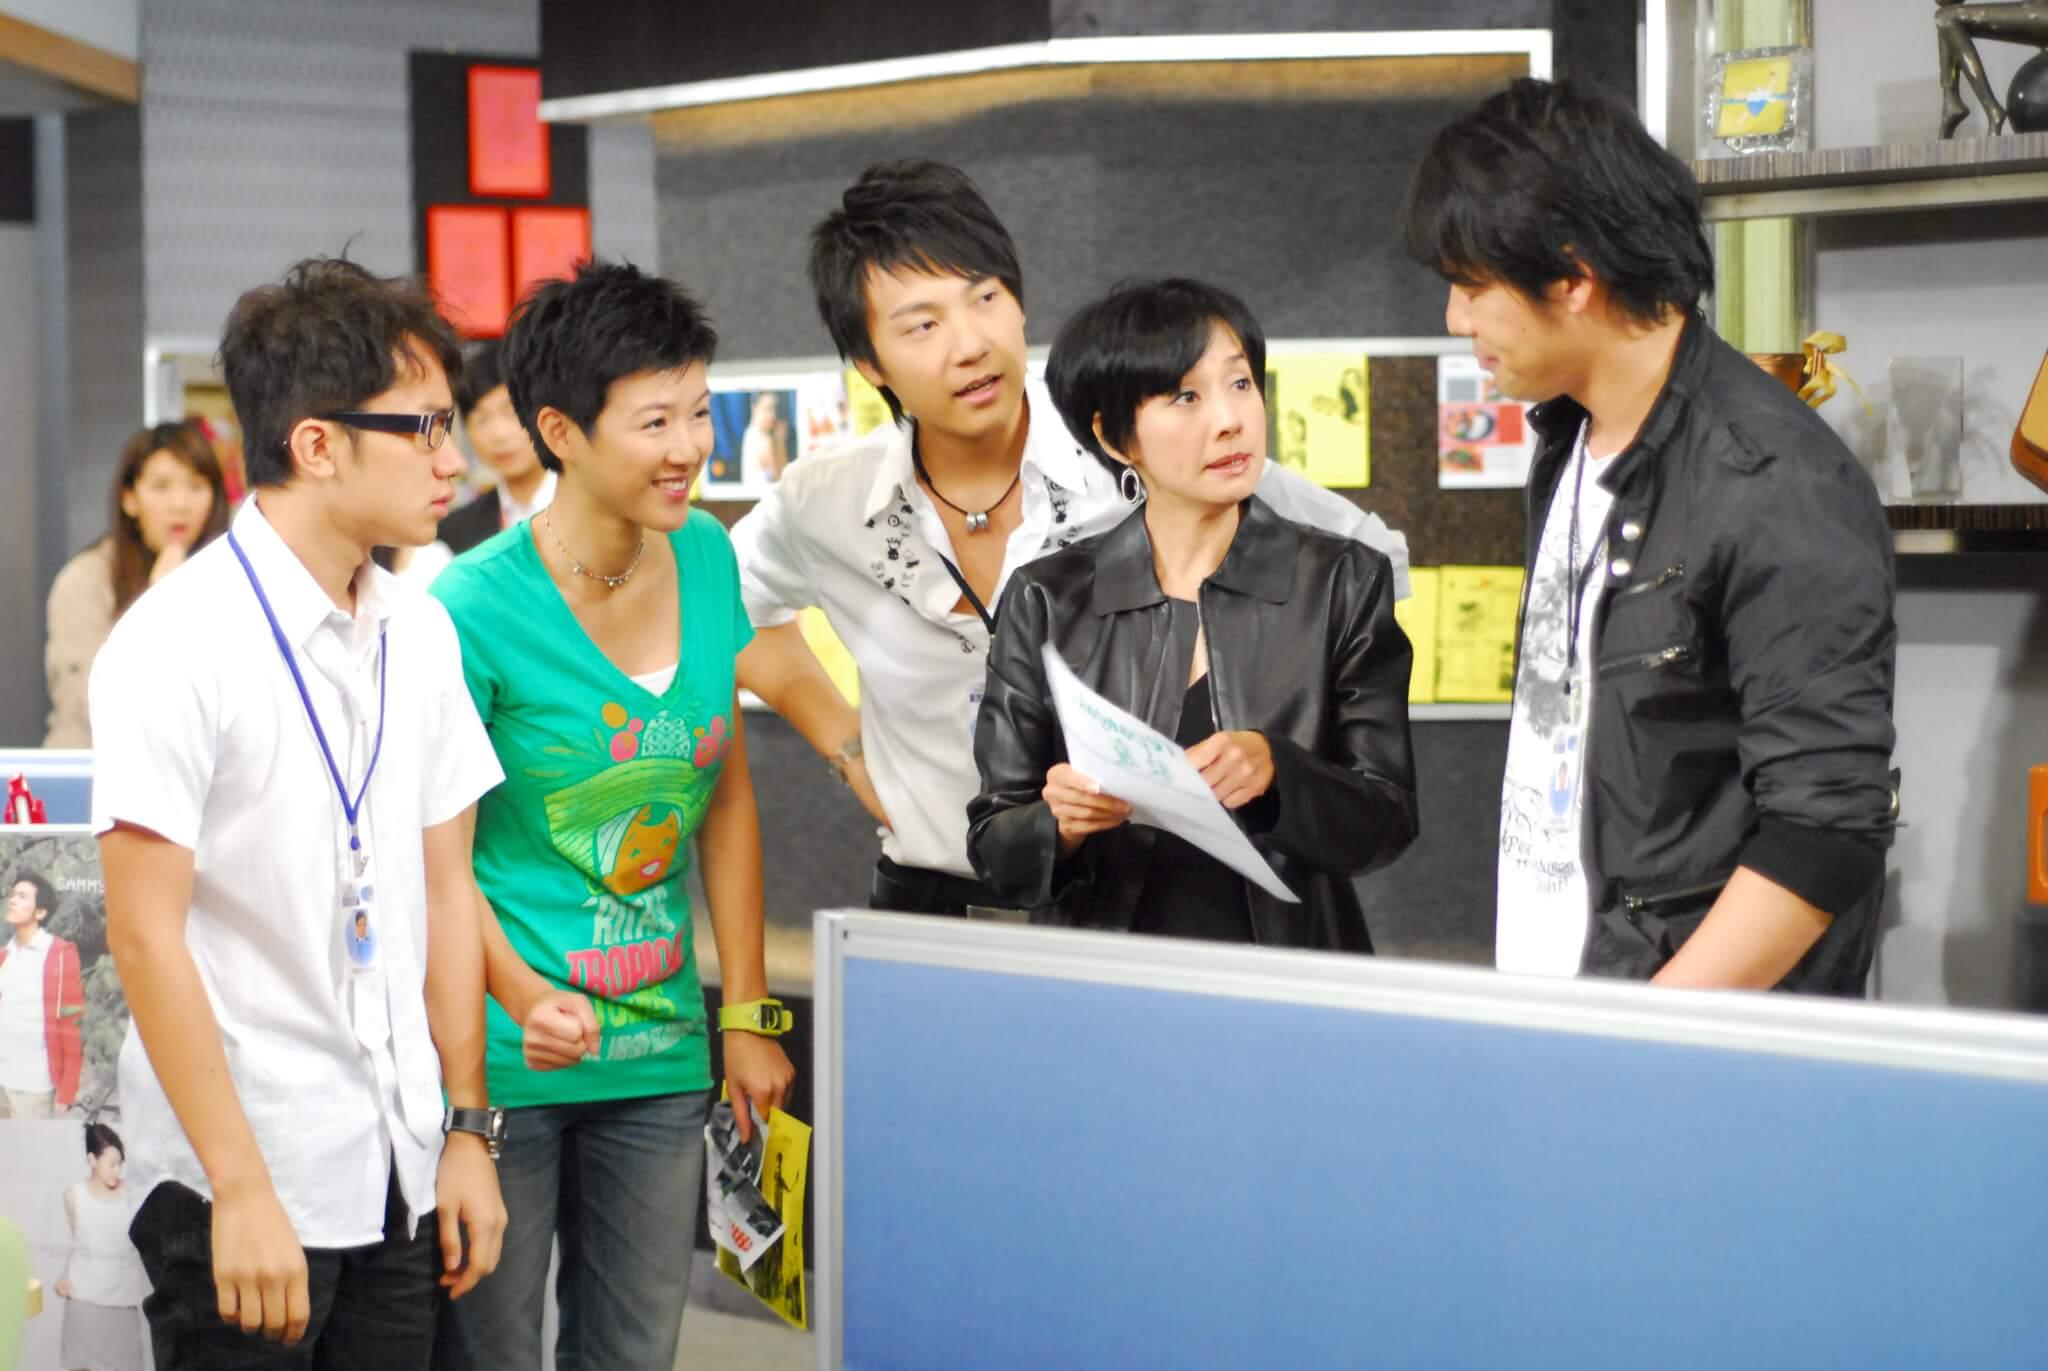 鄧永健說很開心可以在《畢打自己人》認識到毛姐毛舜筠,令他對演戲有多一重了解。